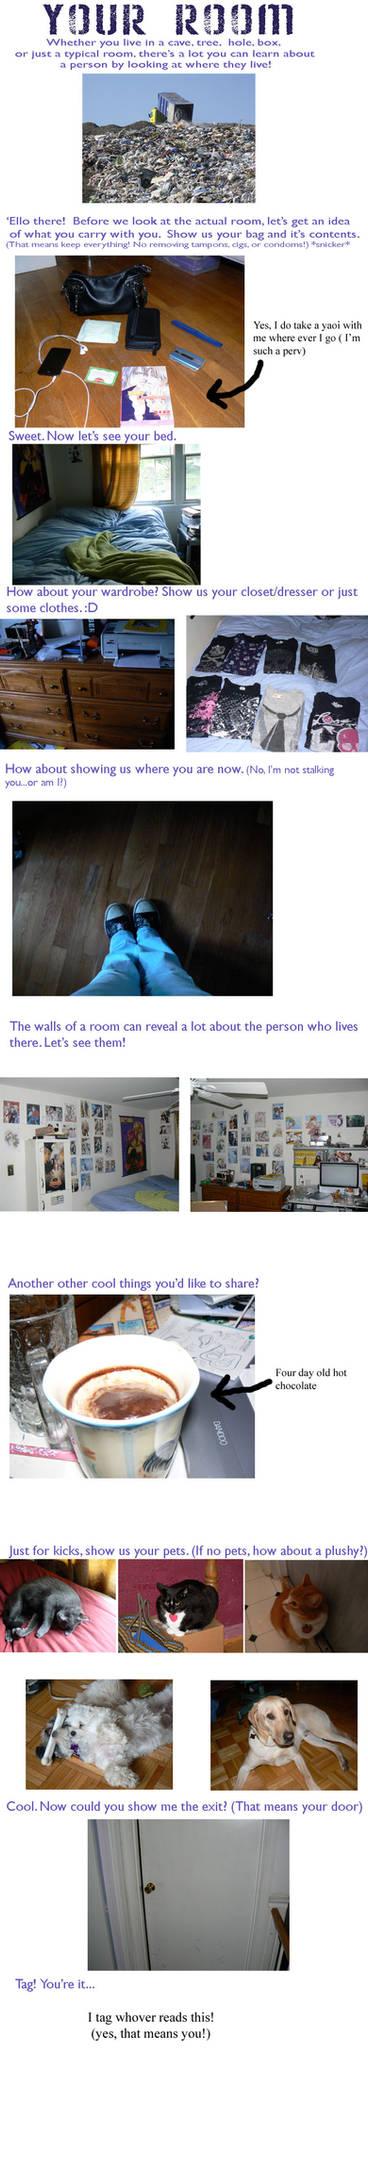 Room Meme